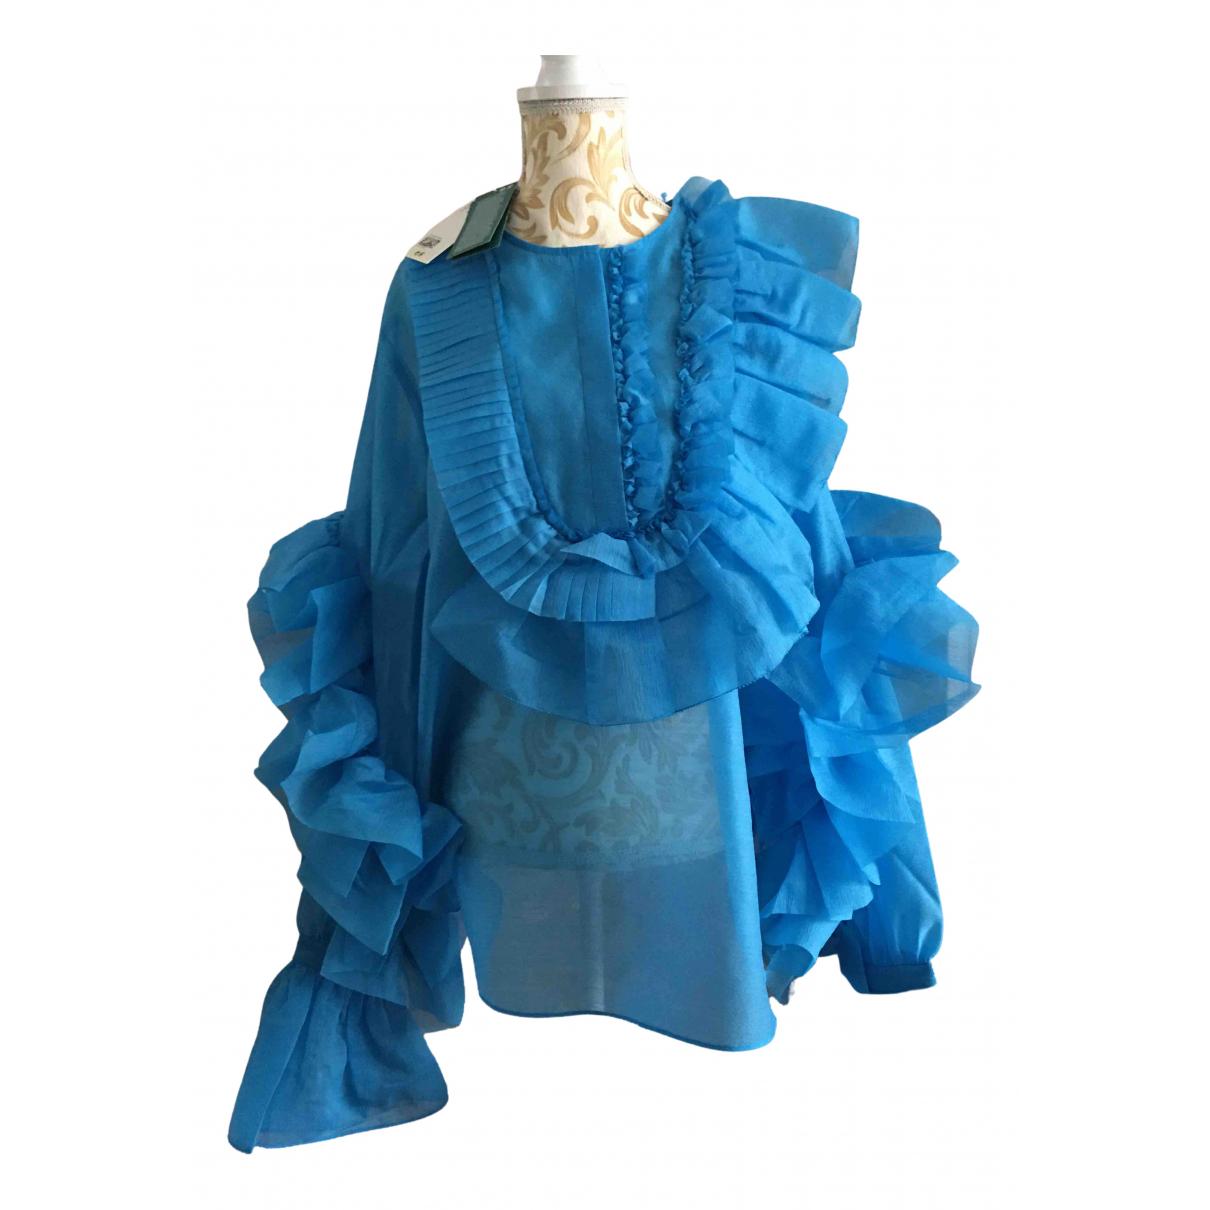 H&m Studio - Top   pour femme - bleu